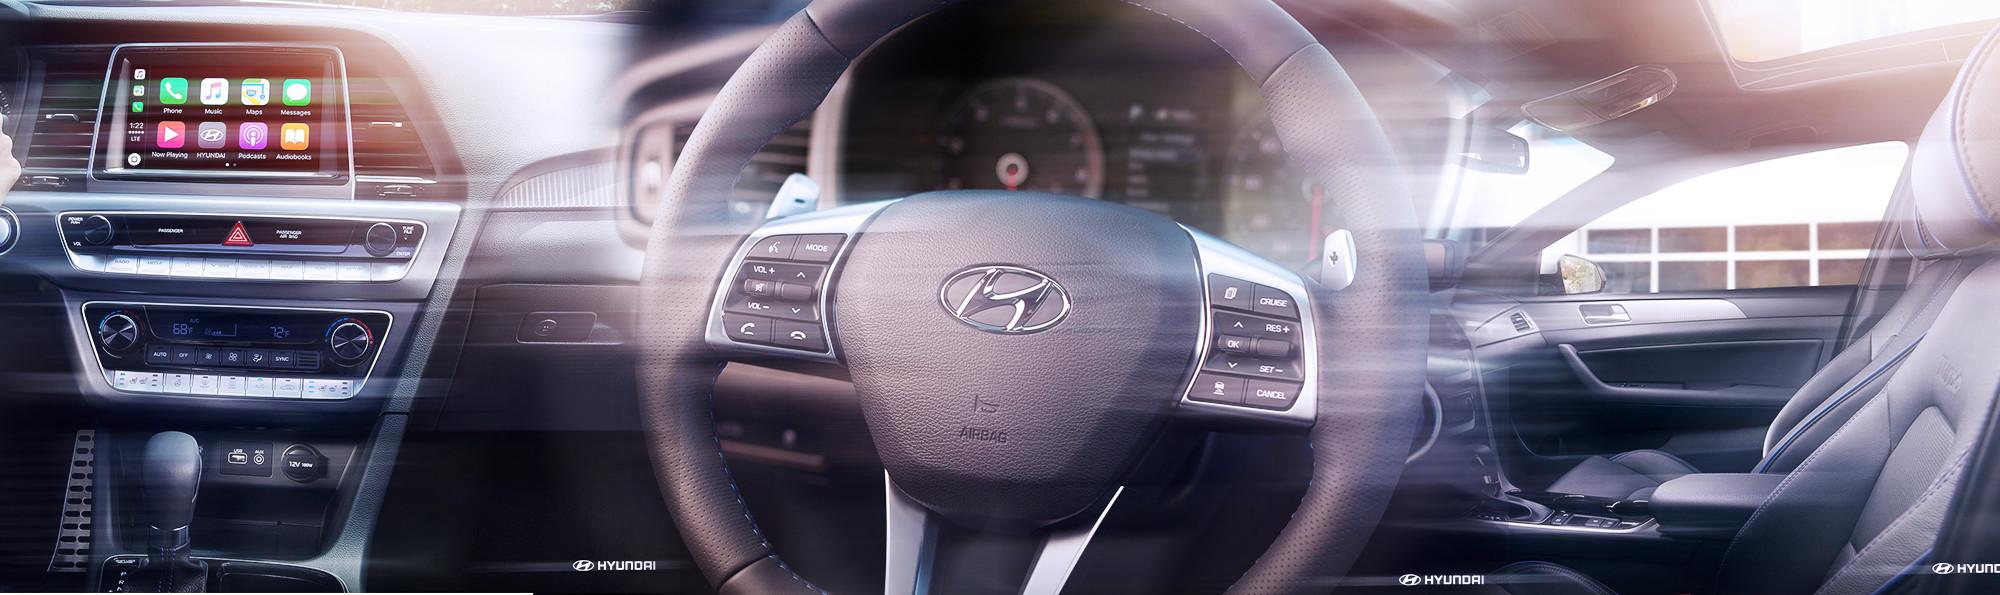 2019 Hyundai Sonata | Preston Hyundai, Hyundai Dealer Dover DE